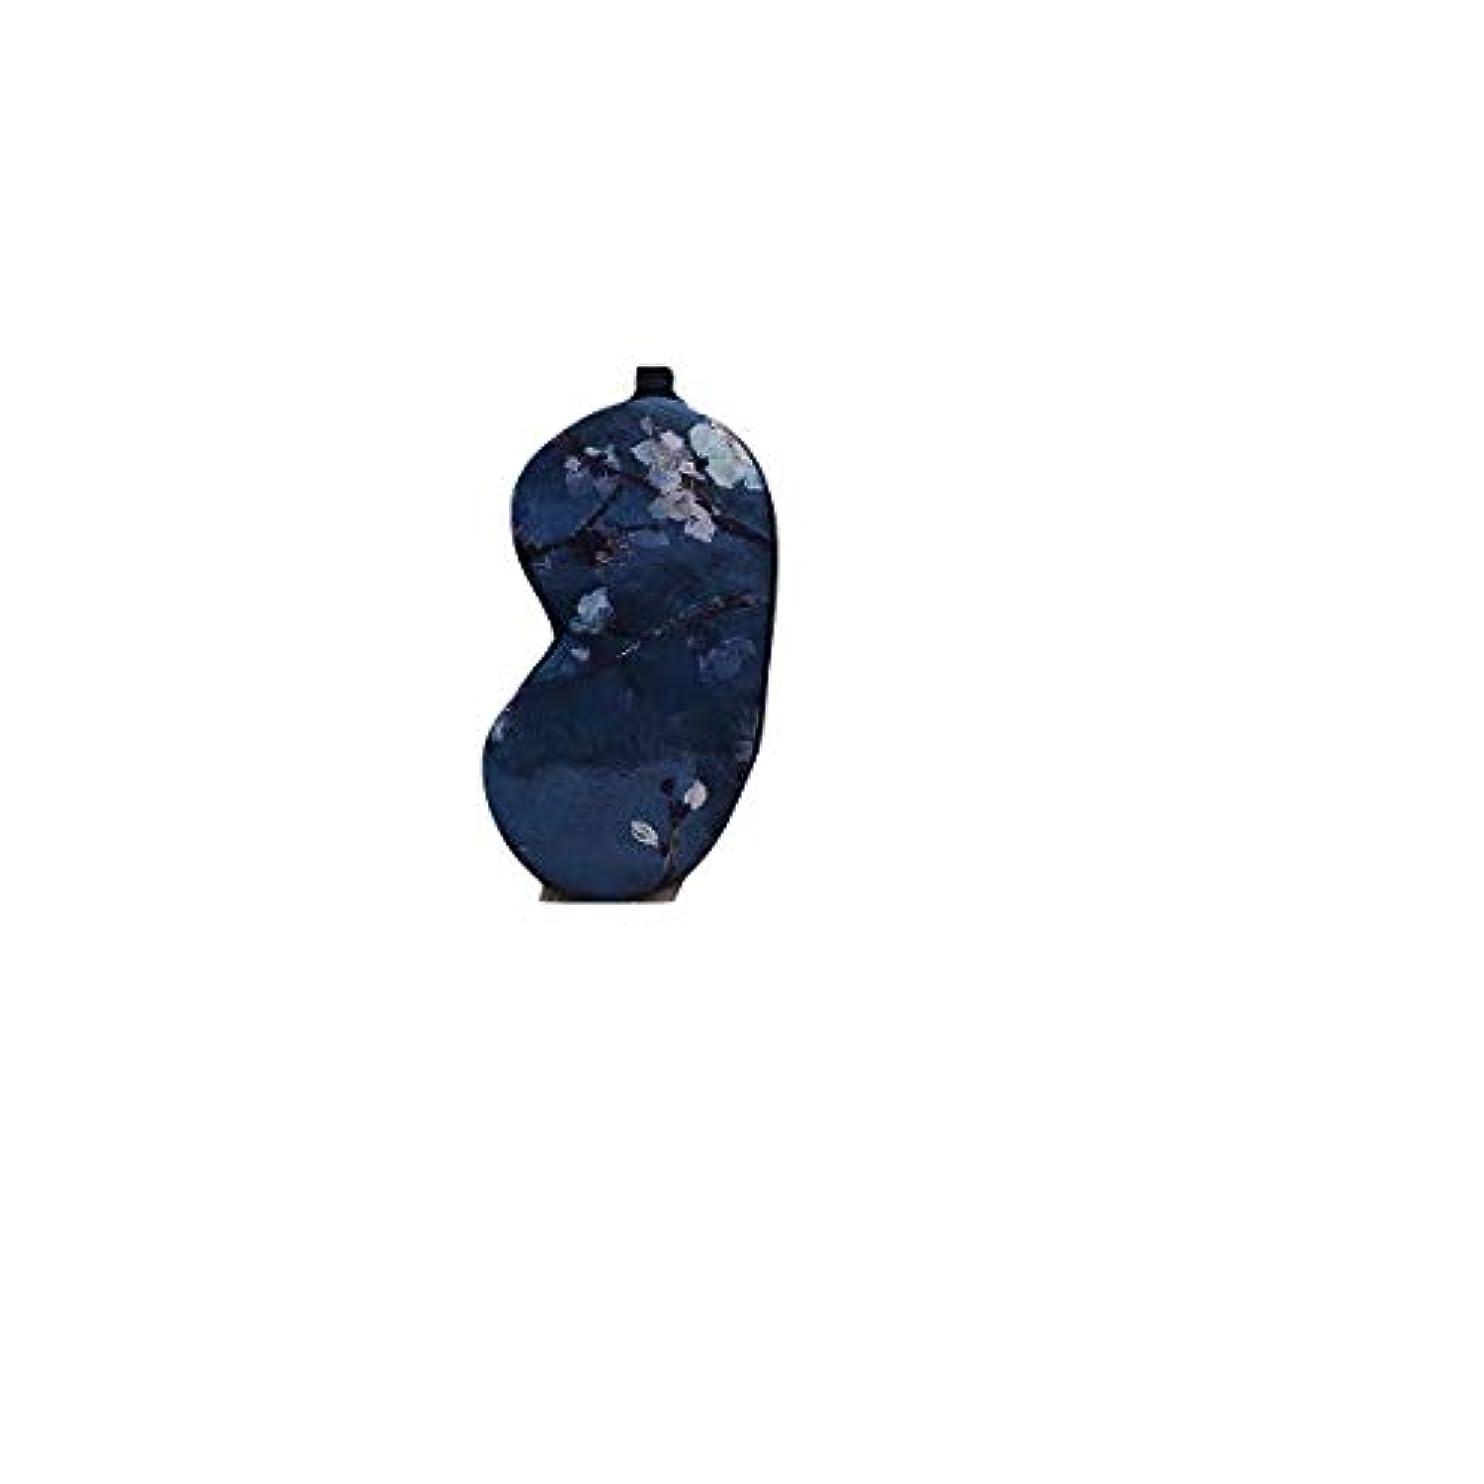 減るディーラーアマゾンジャングルシルクアイマスクは、目の疲れダークサークルを緩和することができます、女性モデルの睡眠シェーディング学生通気性の目の保護、加熱と加熱 (Color : Blue)